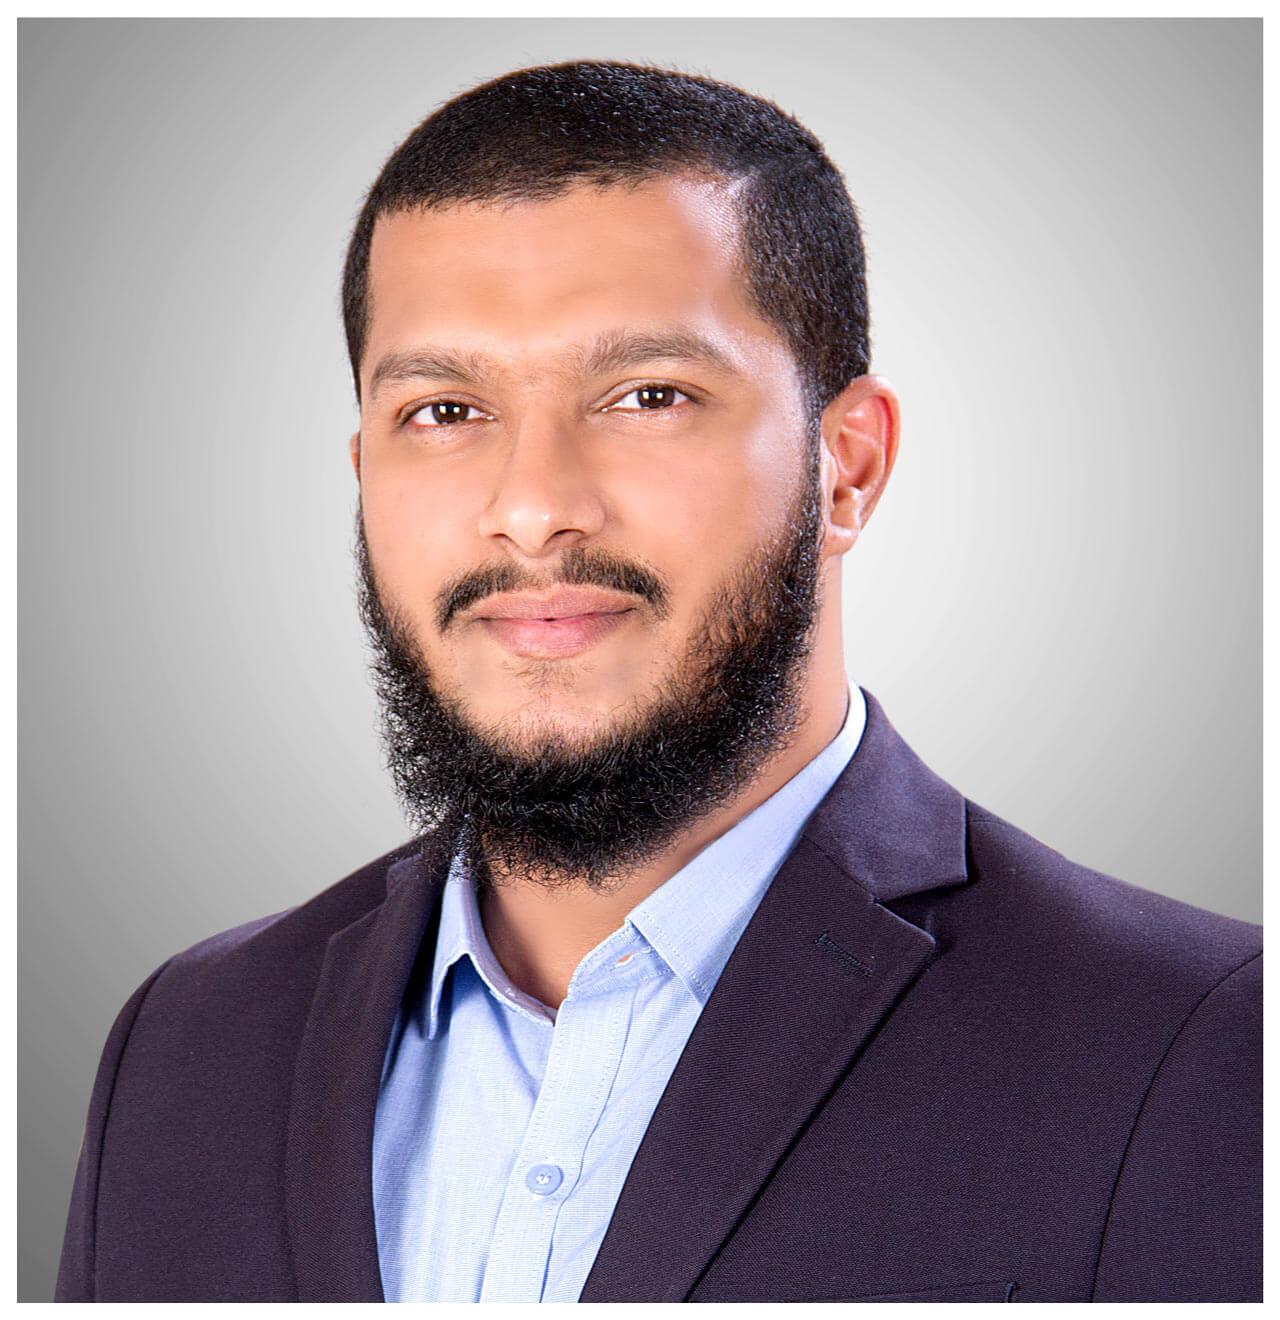 Mohammed-Ihsan